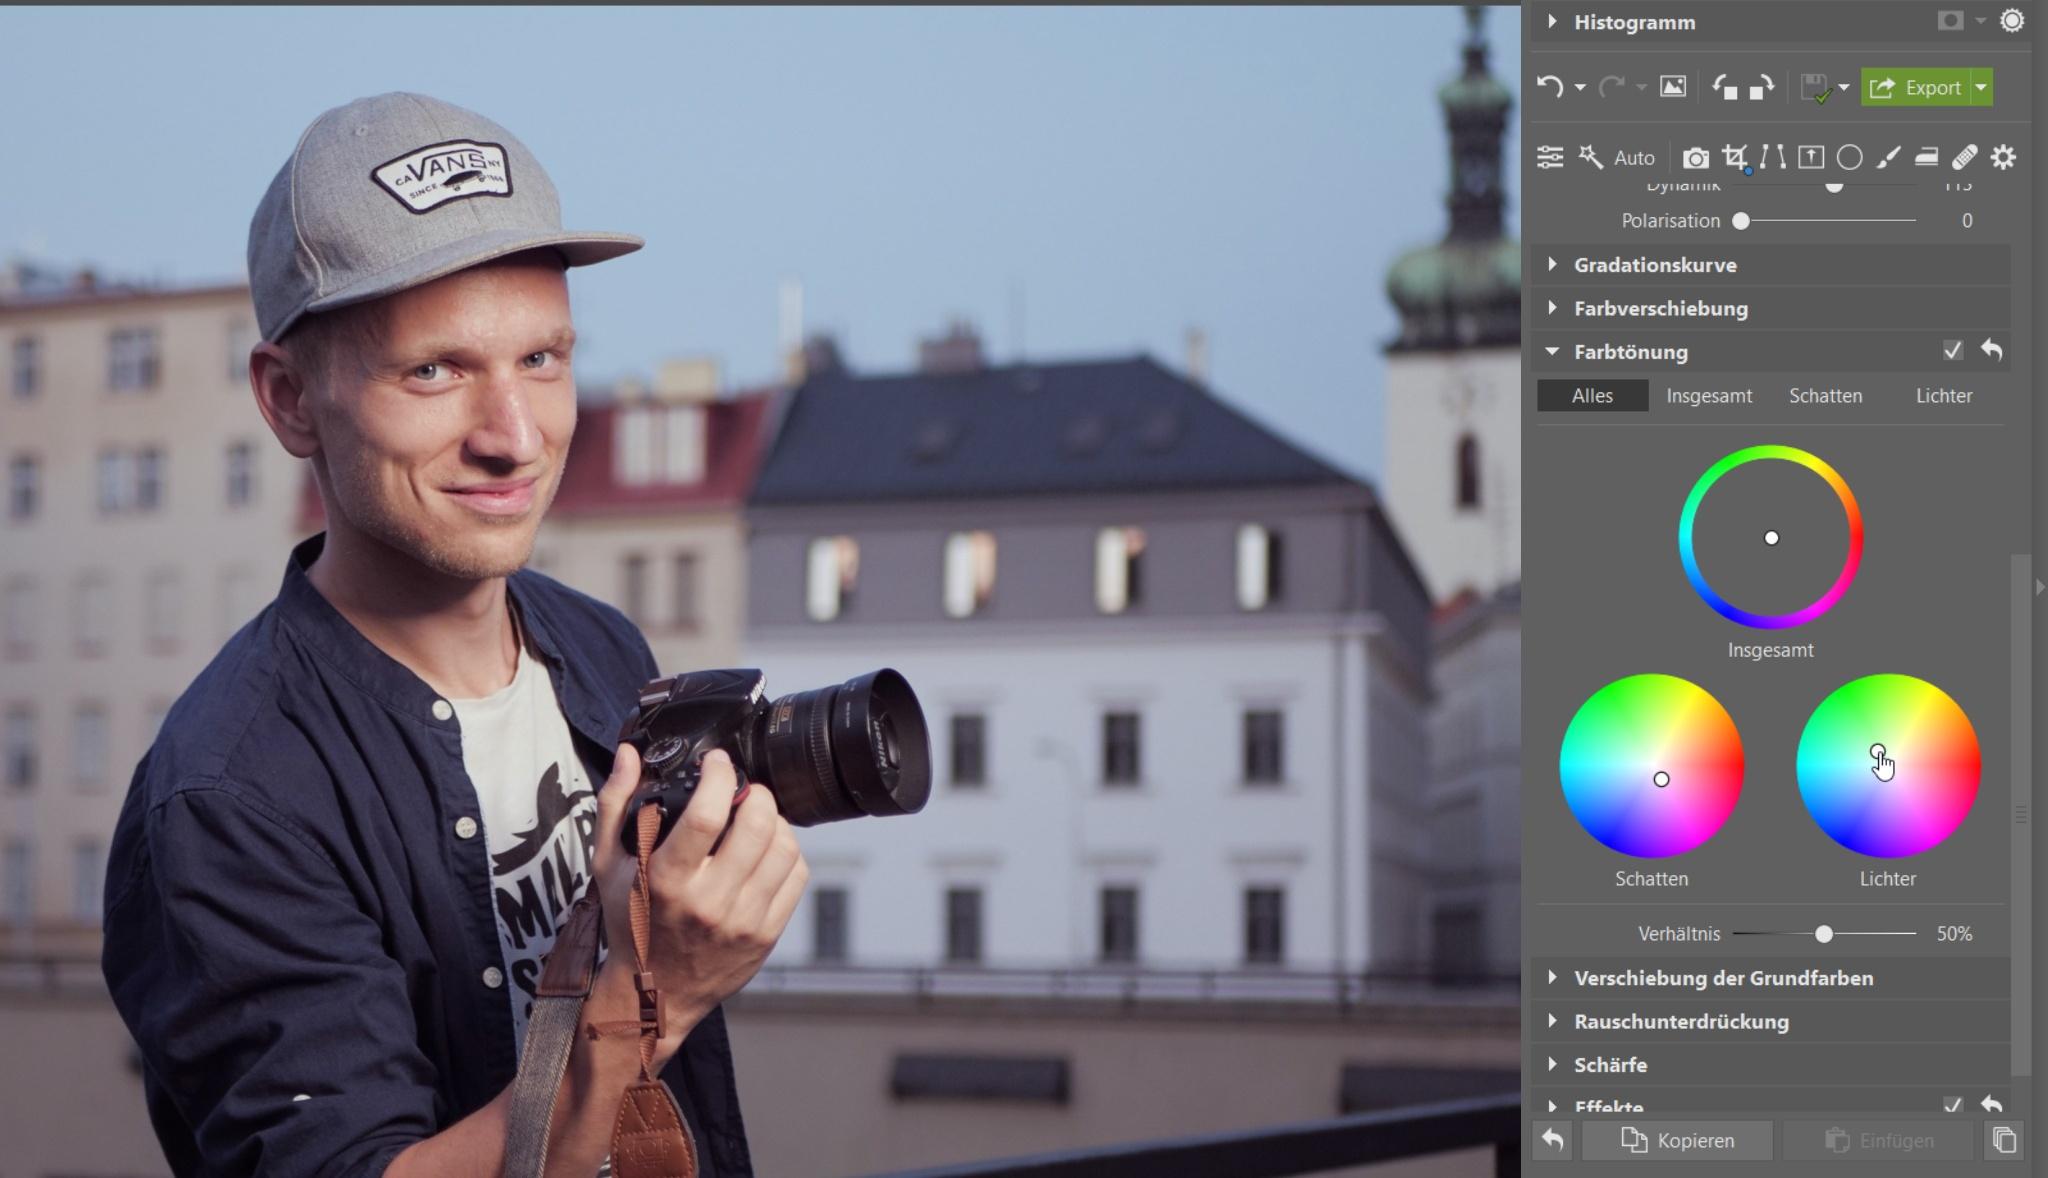 5 grundlegende Bearbeitungen, die Ihre Fotos verbessern